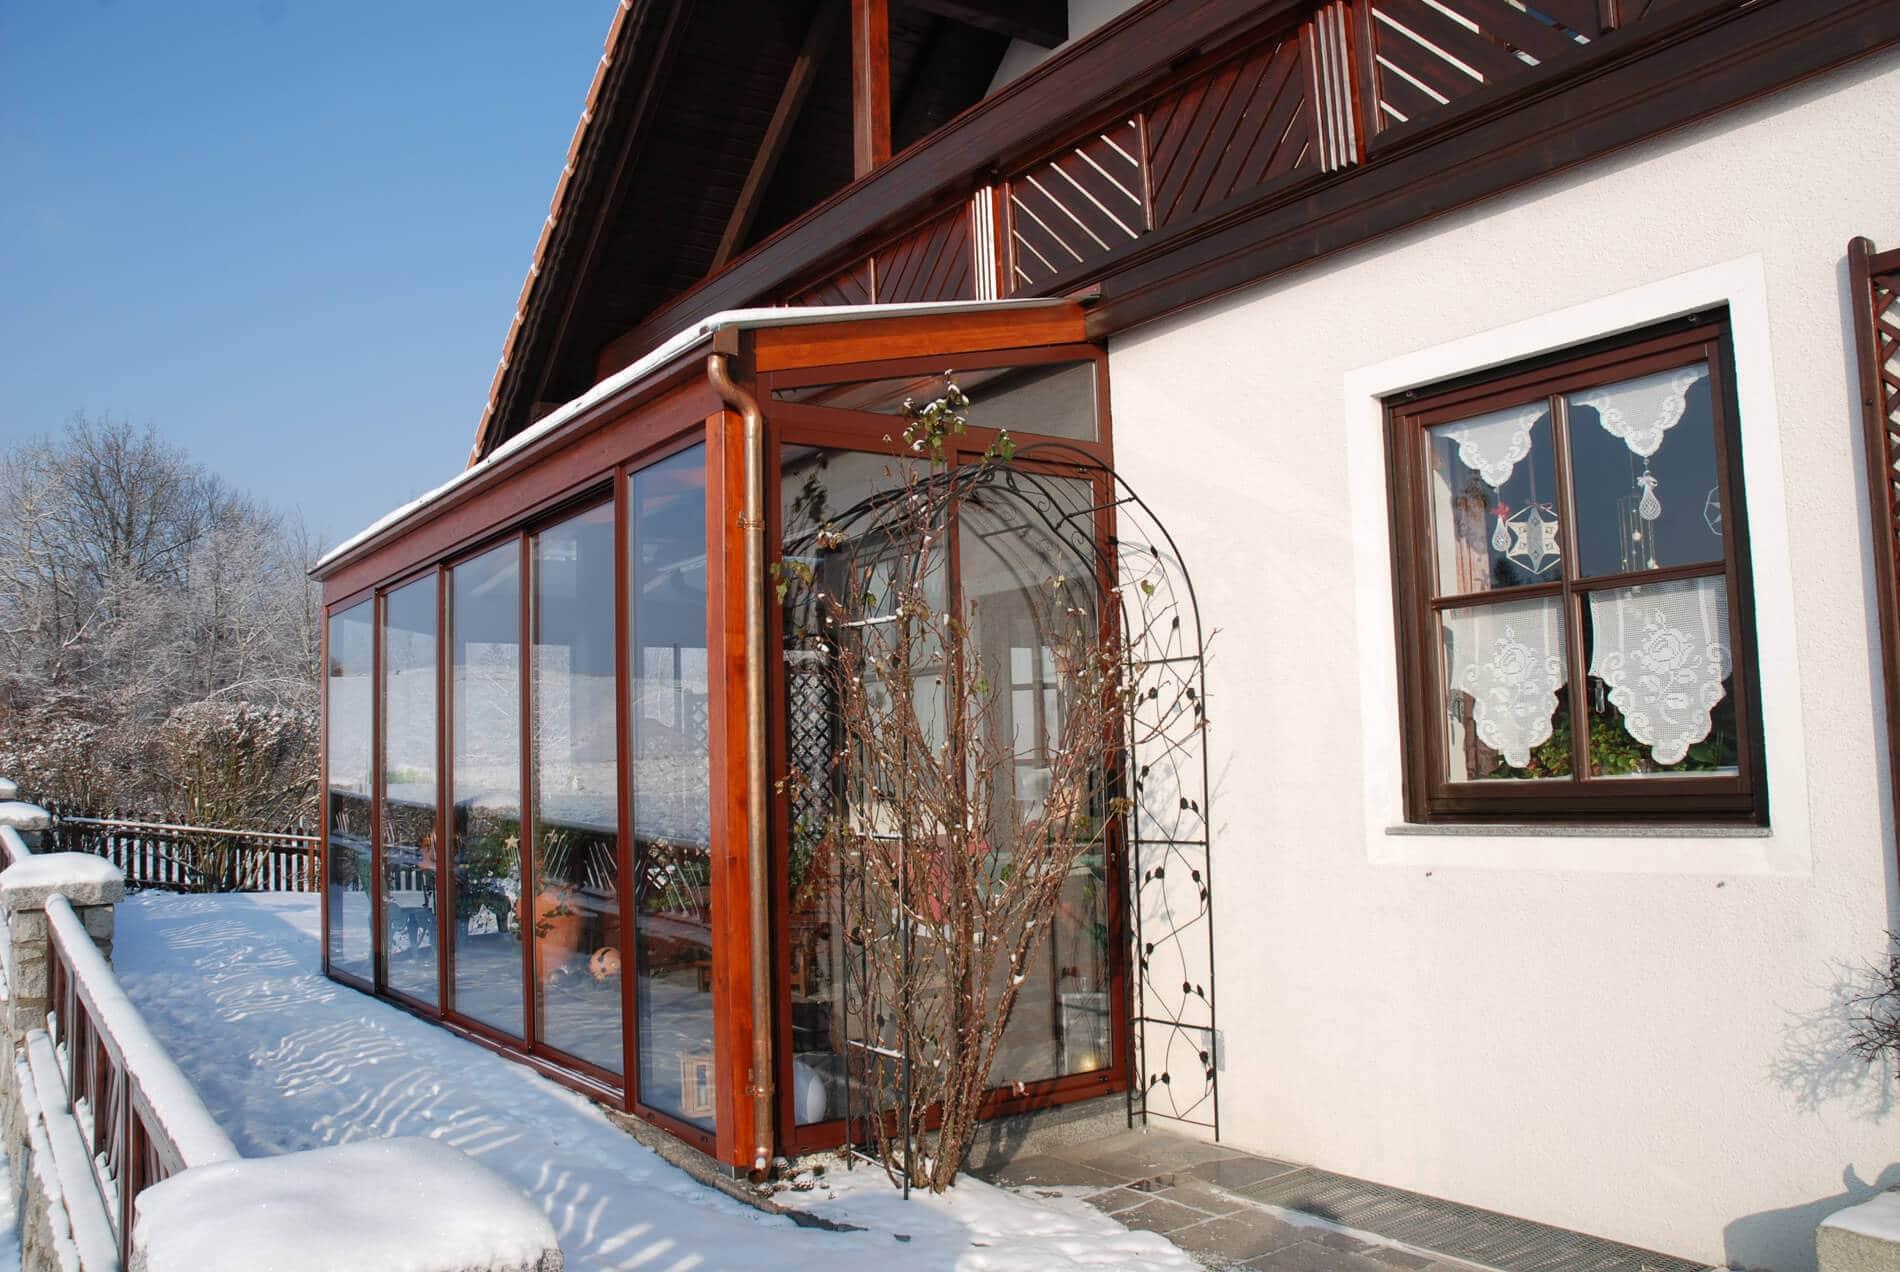 gartenhaus schiebetr weka with gartenhaus schiebetr konsta die marke fr gartenhuser with. Black Bedroom Furniture Sets. Home Design Ideas